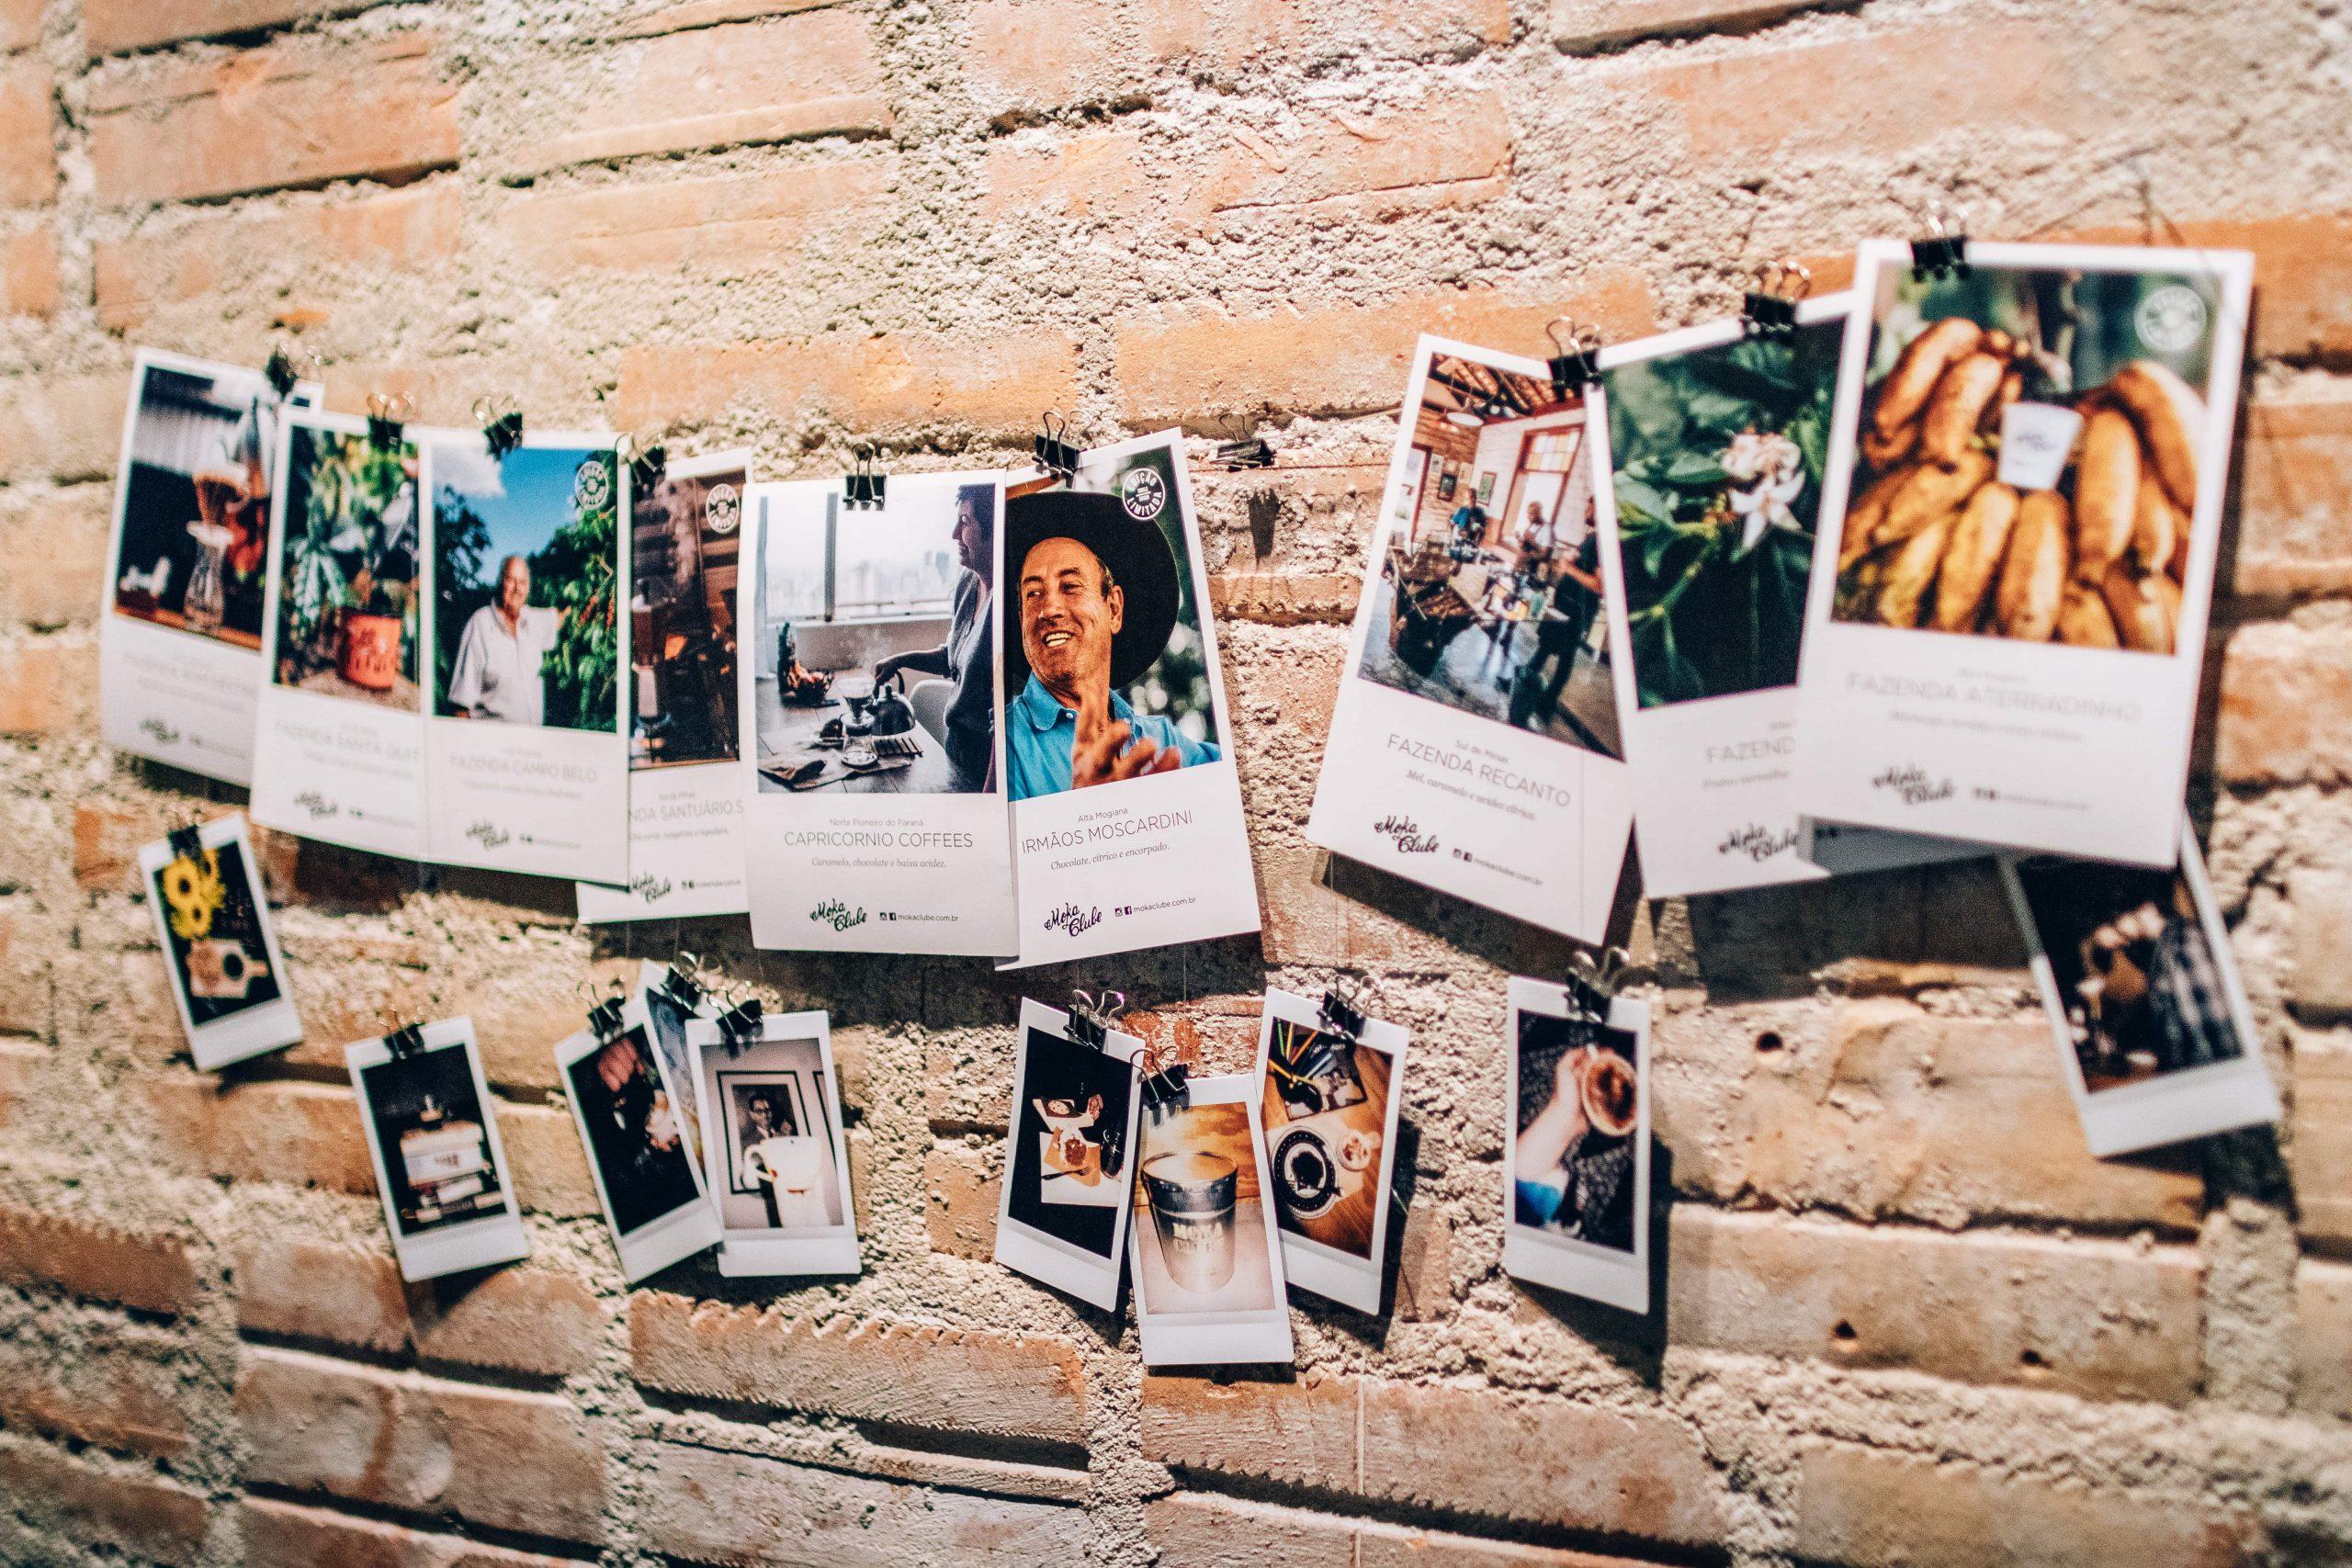 Imagens que acompanham os grãos do clube de assinatura de café do Moka pregadas à parede em cafeteria.